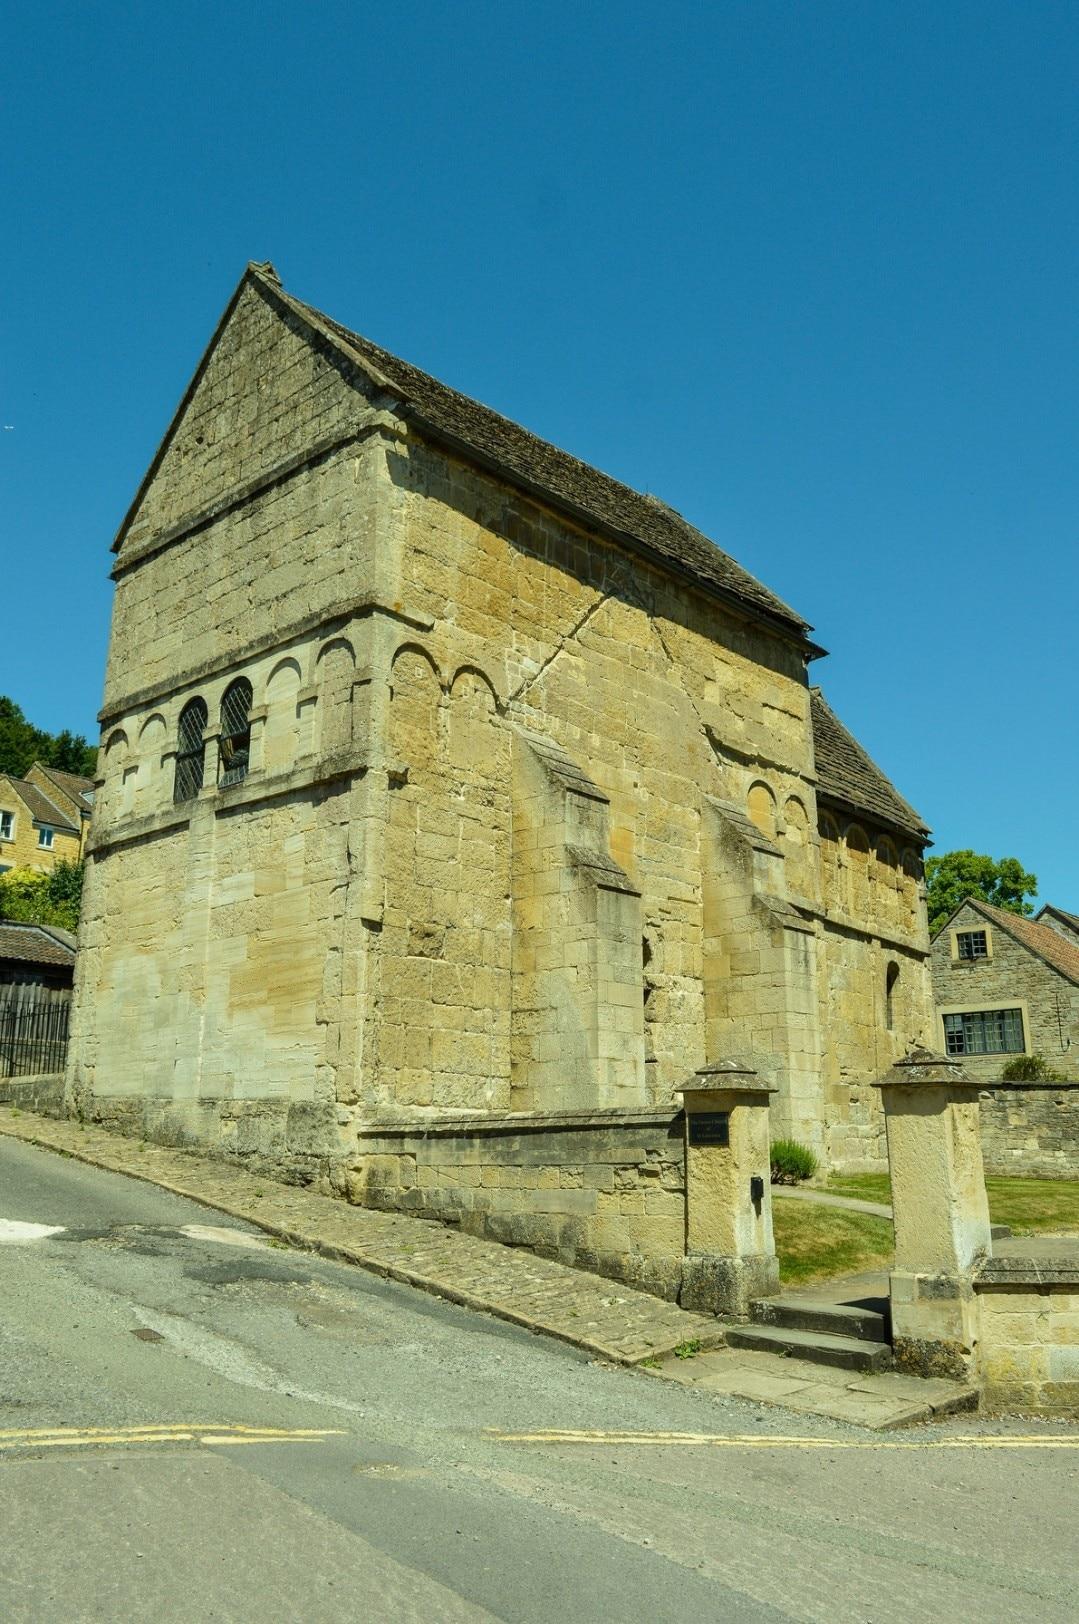 St Laurence Church, Bradford-on-Avon, England, Großbritannien